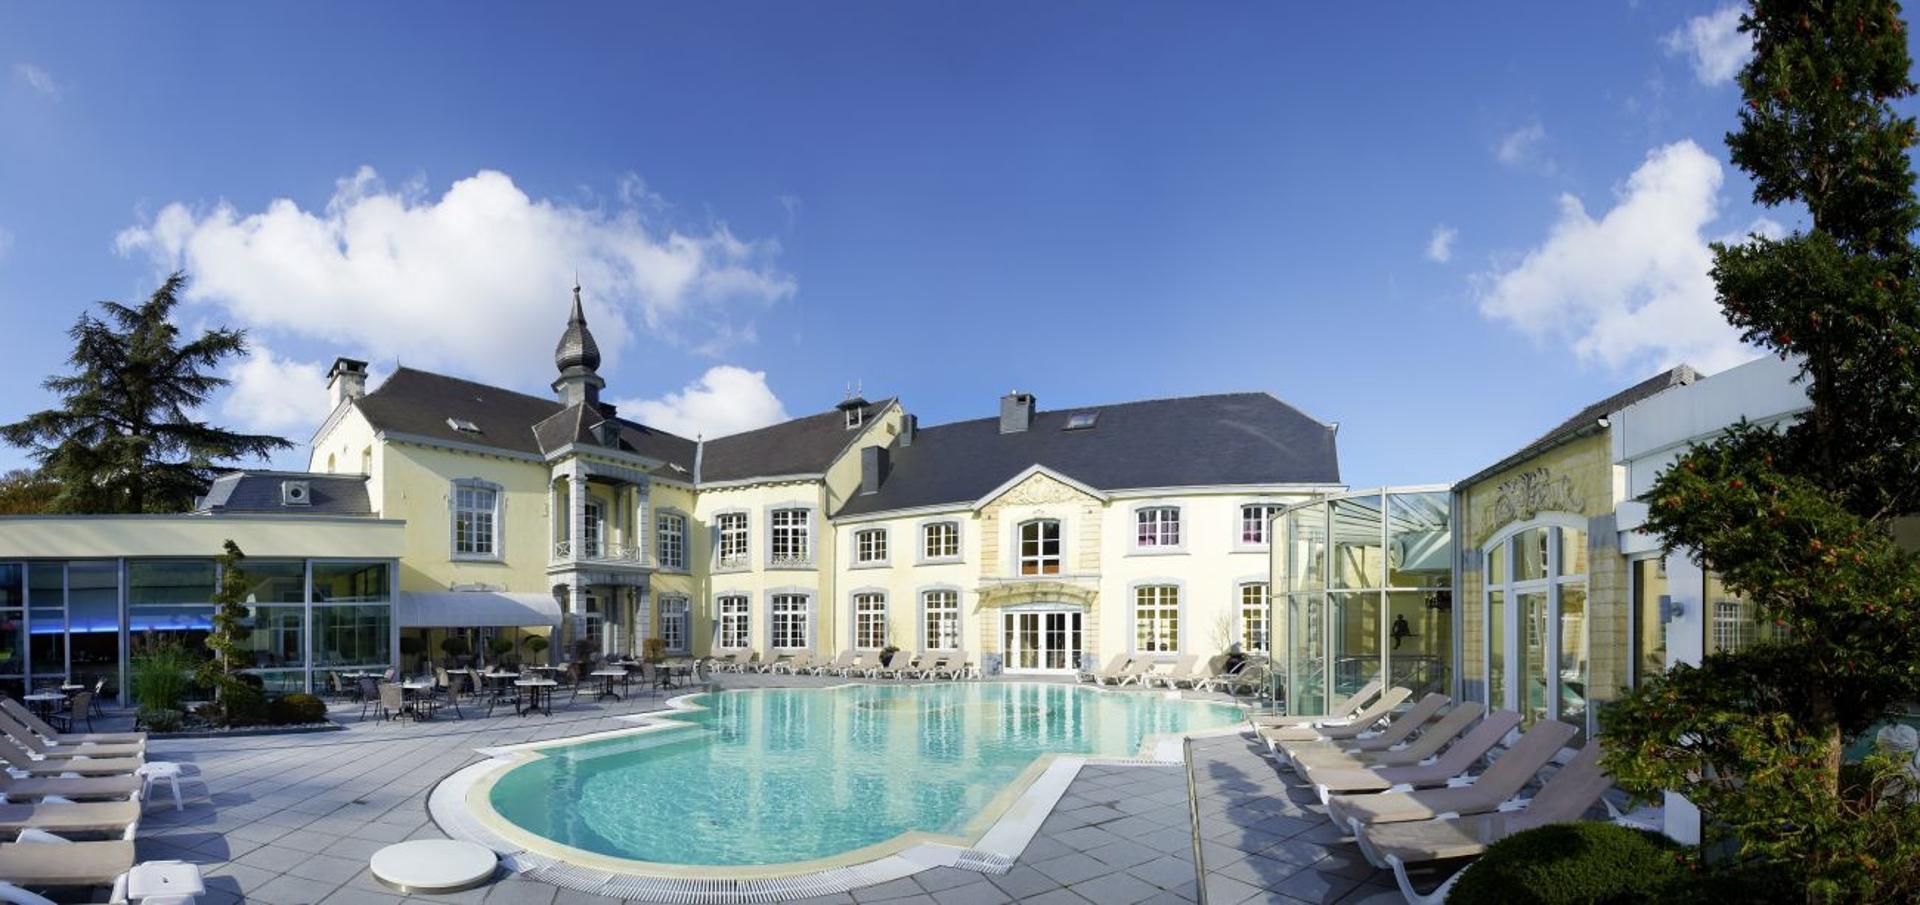 Chaudfontaine Château des Thermes